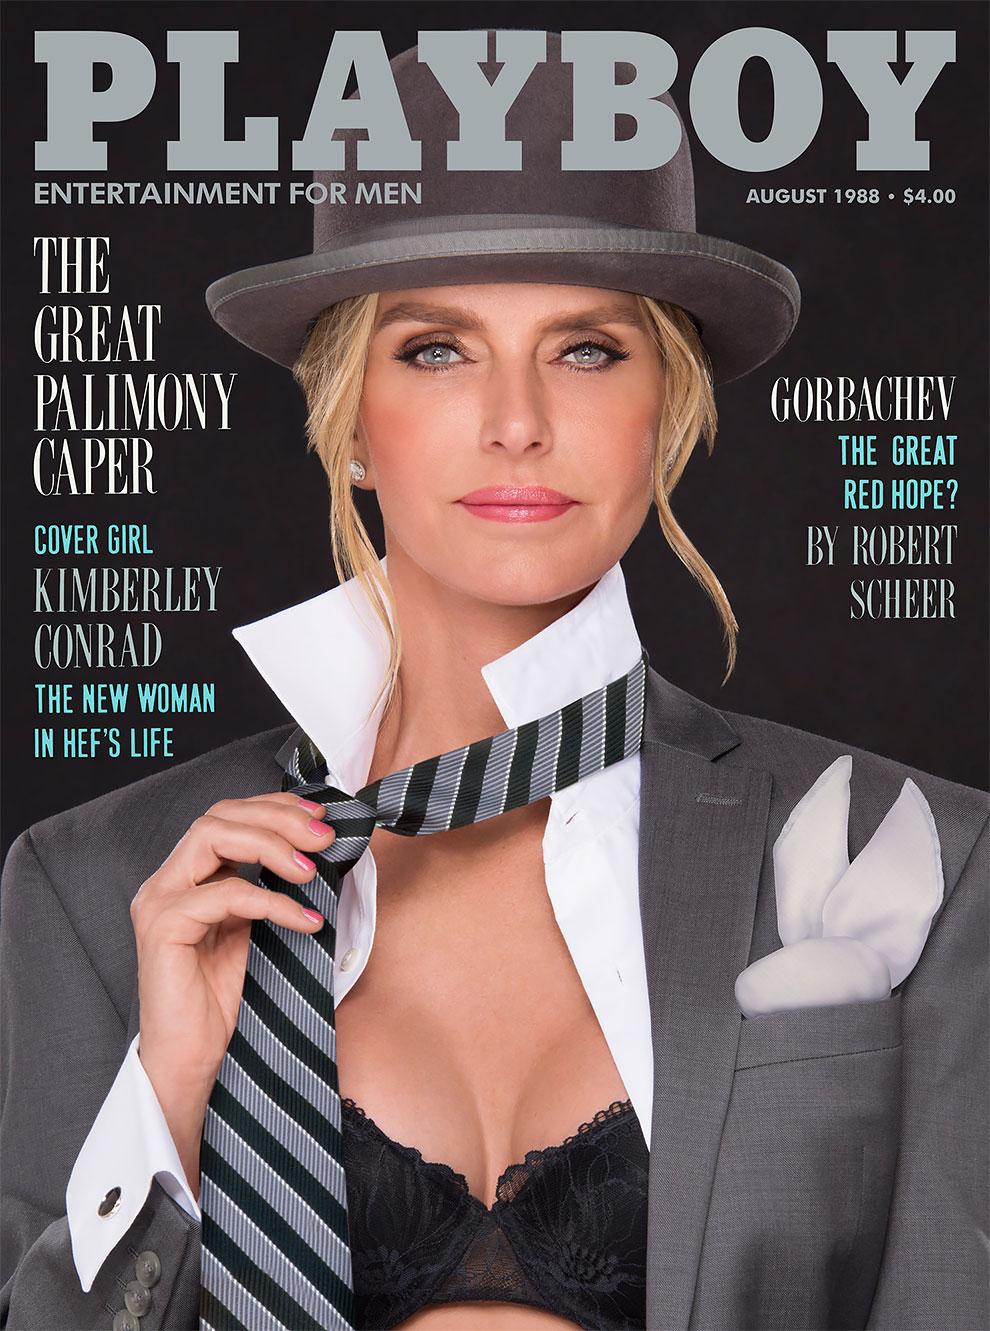 30 лет спустя: журнал Playboy воссоздал свои культовые обложки с теми же моделями 4